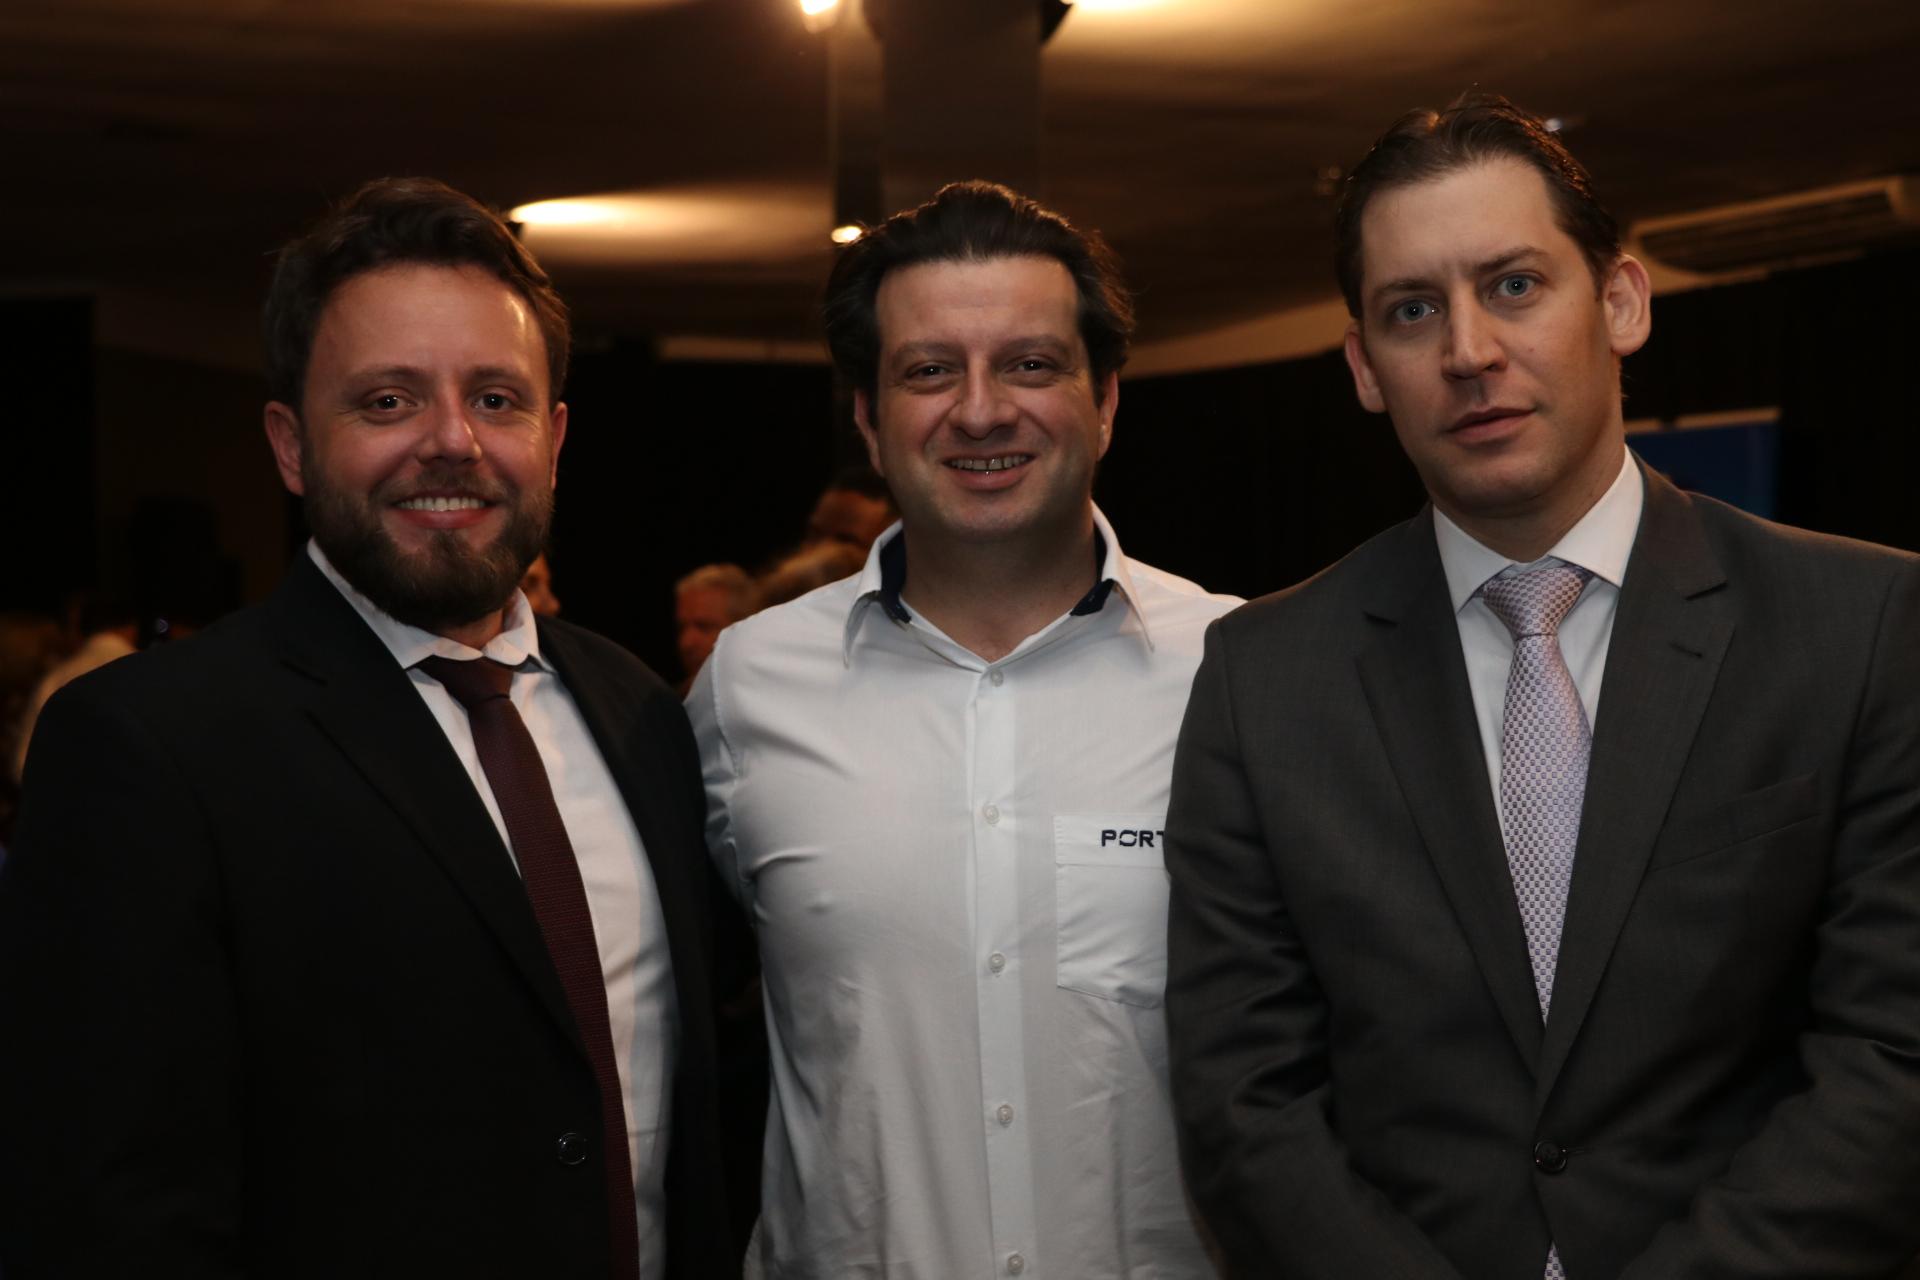 Kiper leva inovação e tecnologia para a ISC Brasil 2016